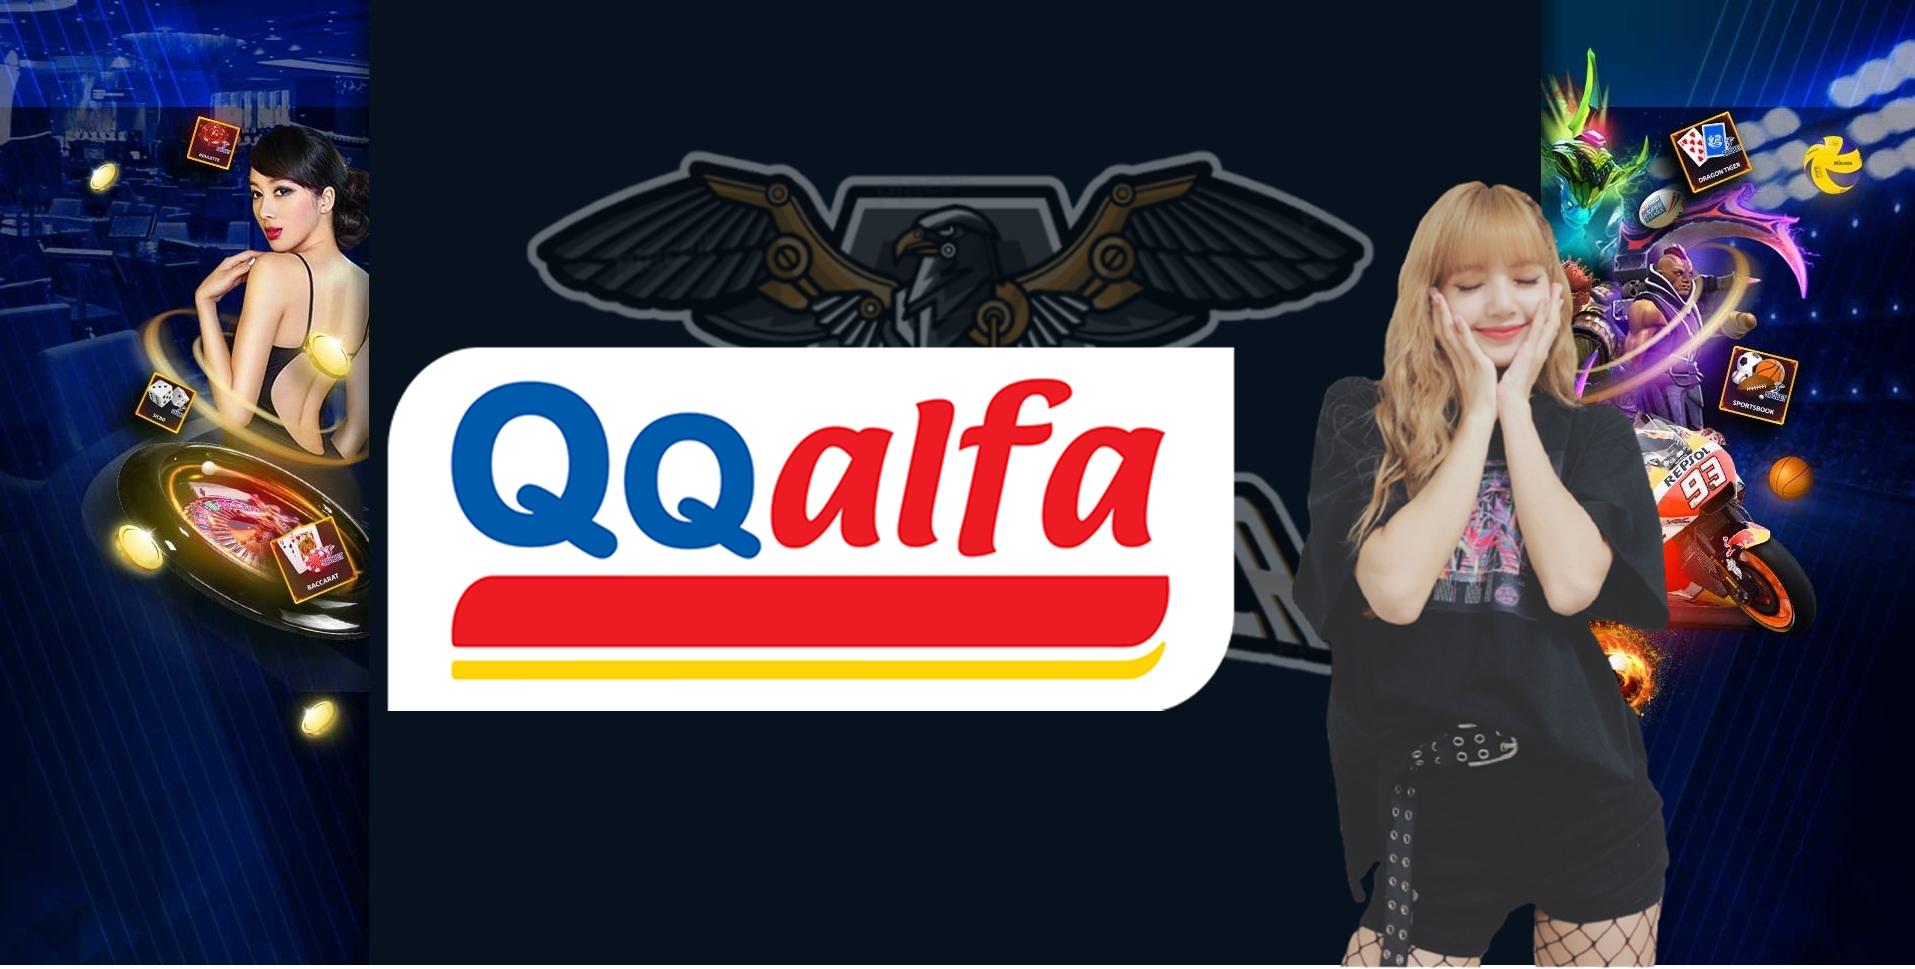 QQalfa Situs Judi Online